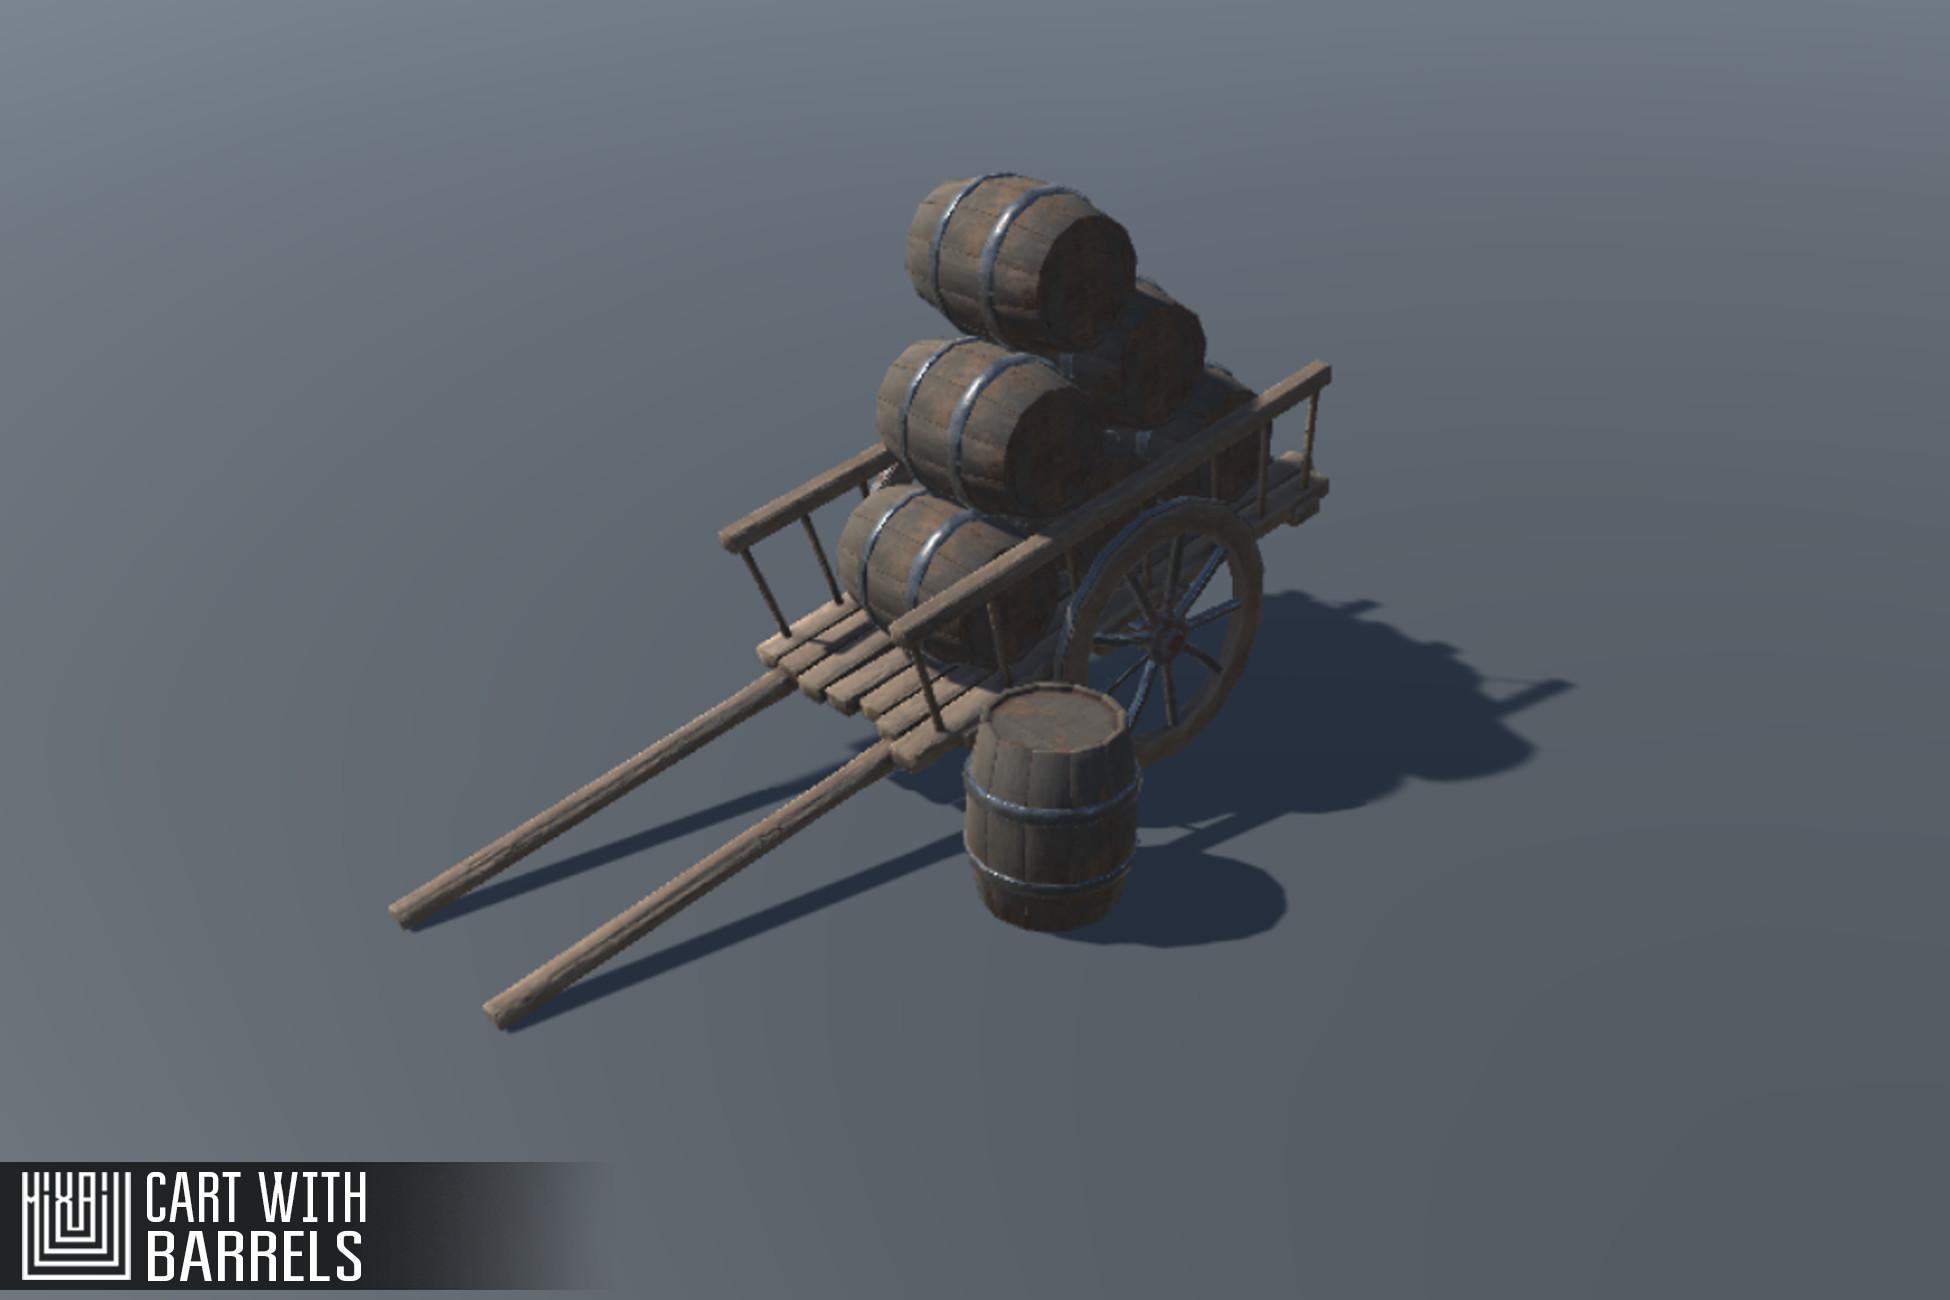 Cart with Barrels